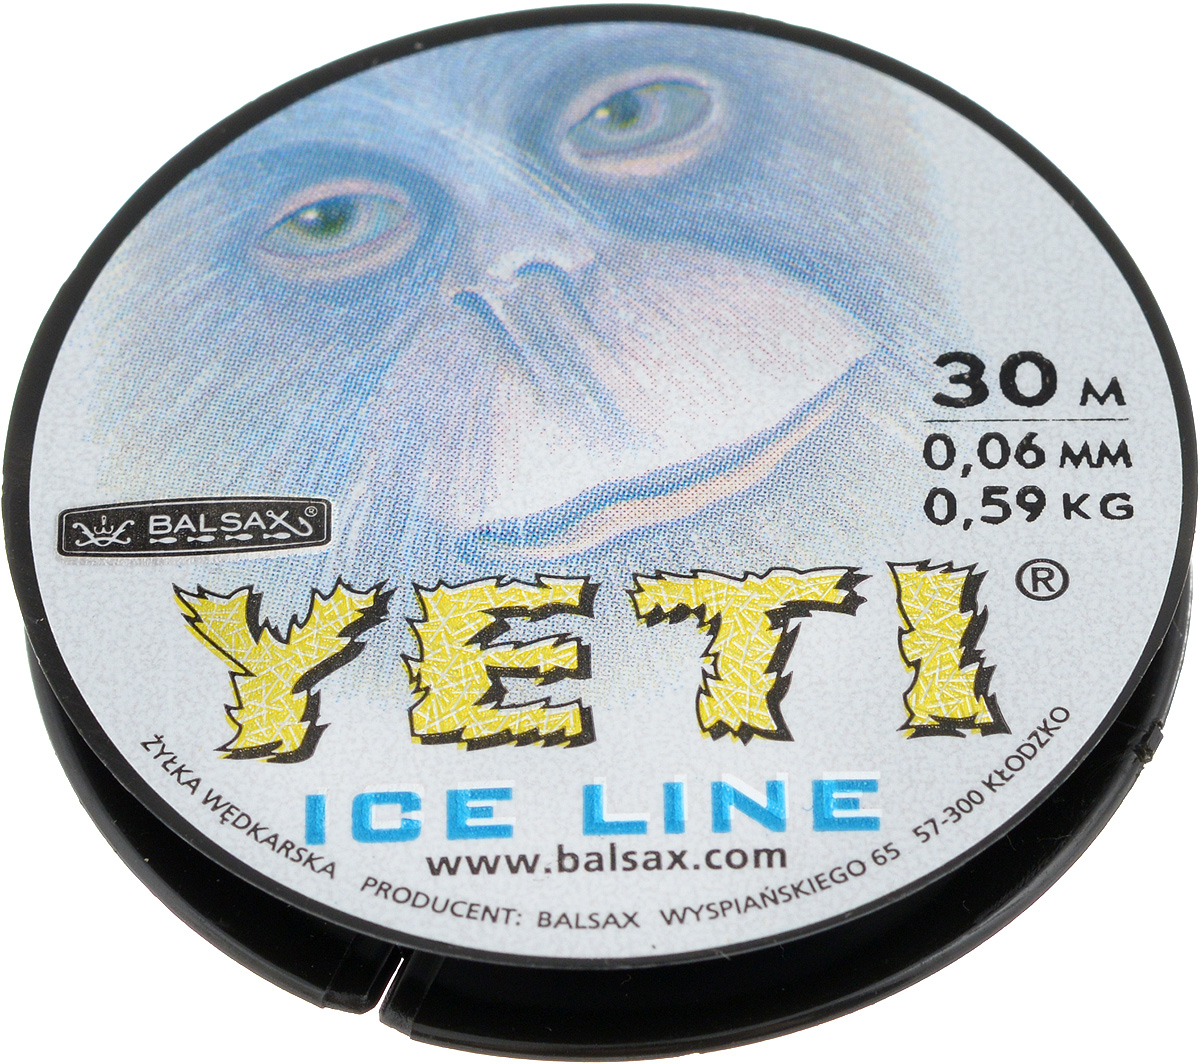 Леска зимняя Balsax Yeti, 30 м, 0,06 мм, 0,59 кг54243Леска Balsax Yeti изготовлена из 100% нейлона и очень хорошо выдерживает низкие температуры. Даже в самом холодном климате, при температуре вплоть до -40°C, она сохраняет свои свойства практически без изменений, в то время как традиционные лески становятся менее эластичными и теряют прочность.Поверхность лески обработана таким образом, что она не обмерзает и отлично подходит для подледного лова. Прочна в местах вязки узлов даже при минимальном диаметре.